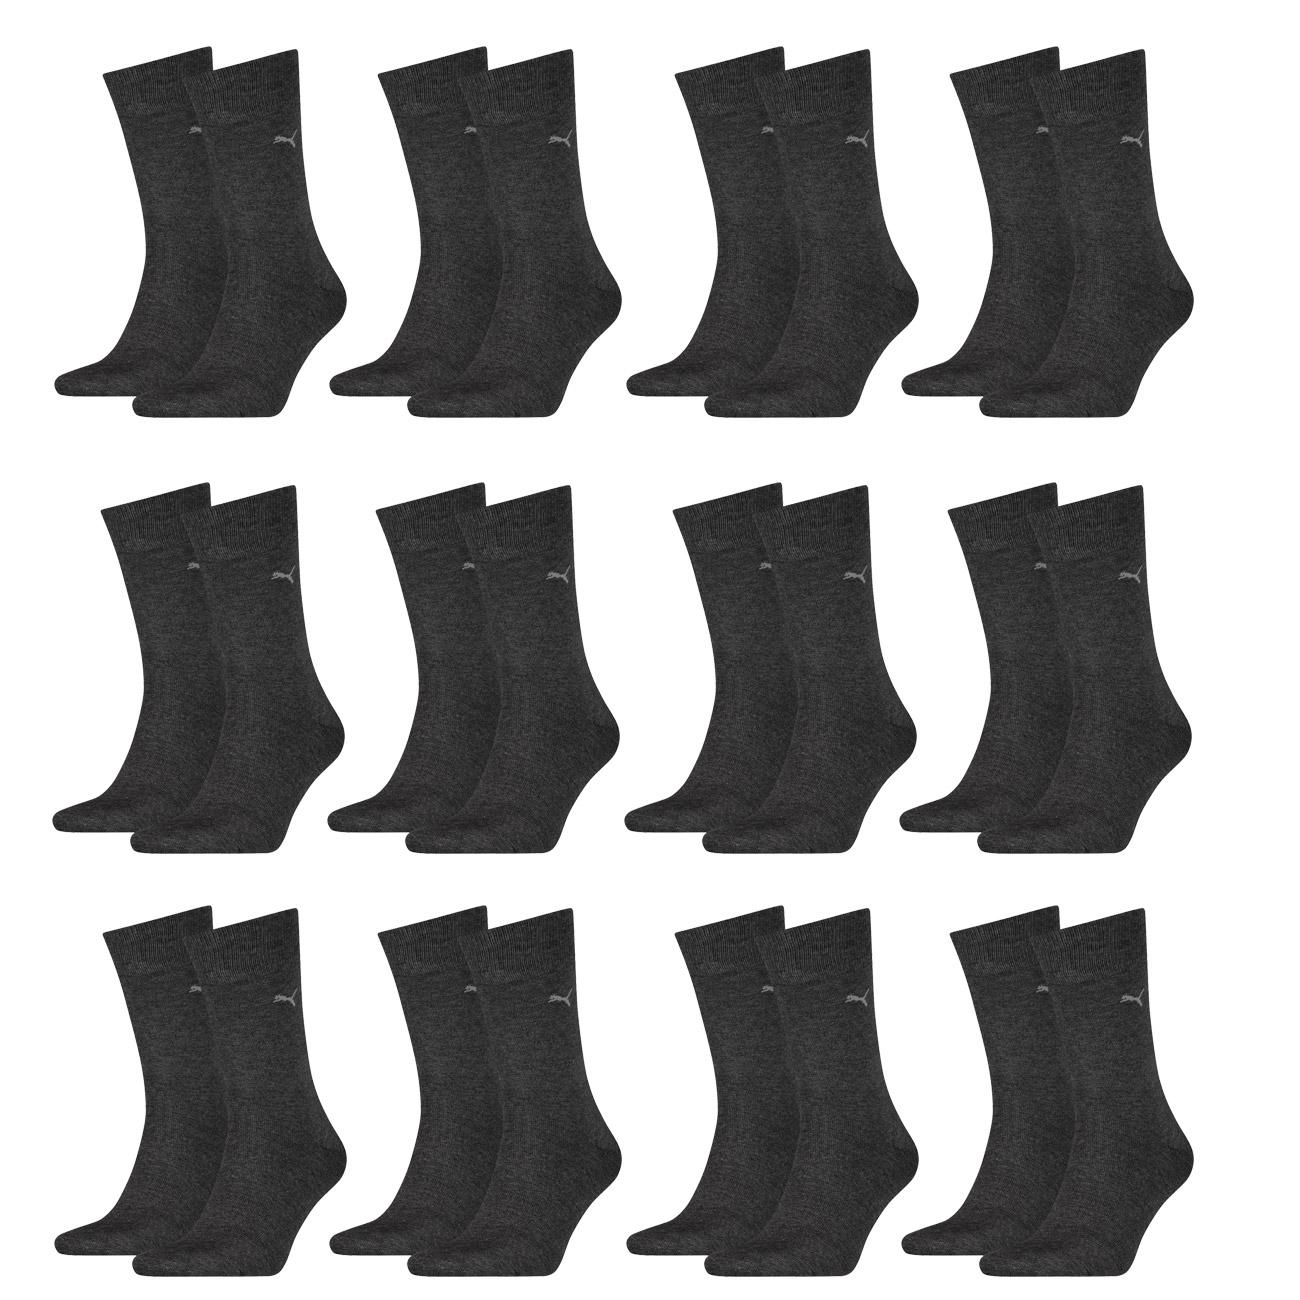 12+1 Paar Puma Business Socken in 6 Farben